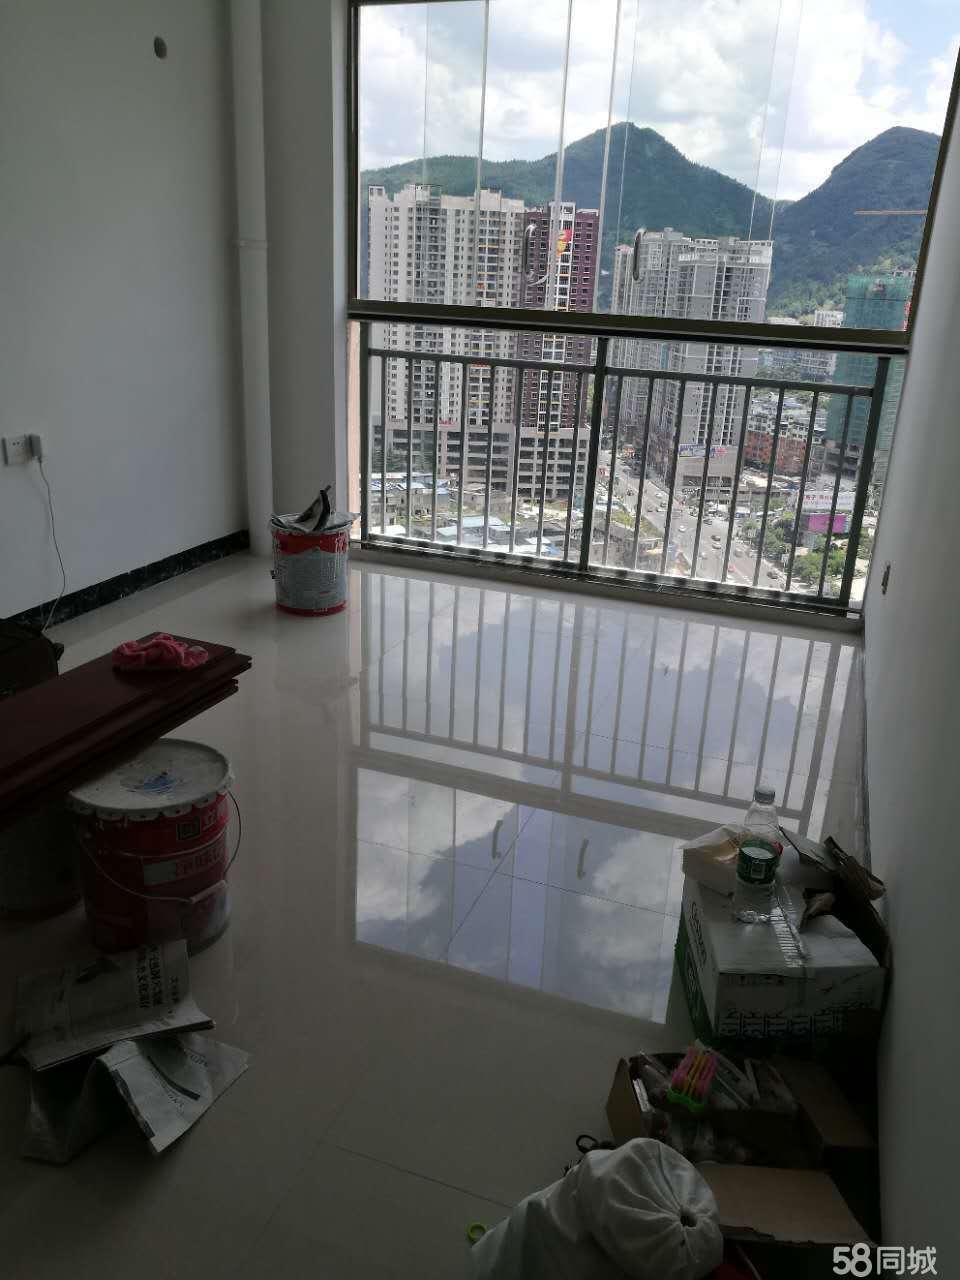 碧江锦江大厦4台空调办公居家都可以随时看房